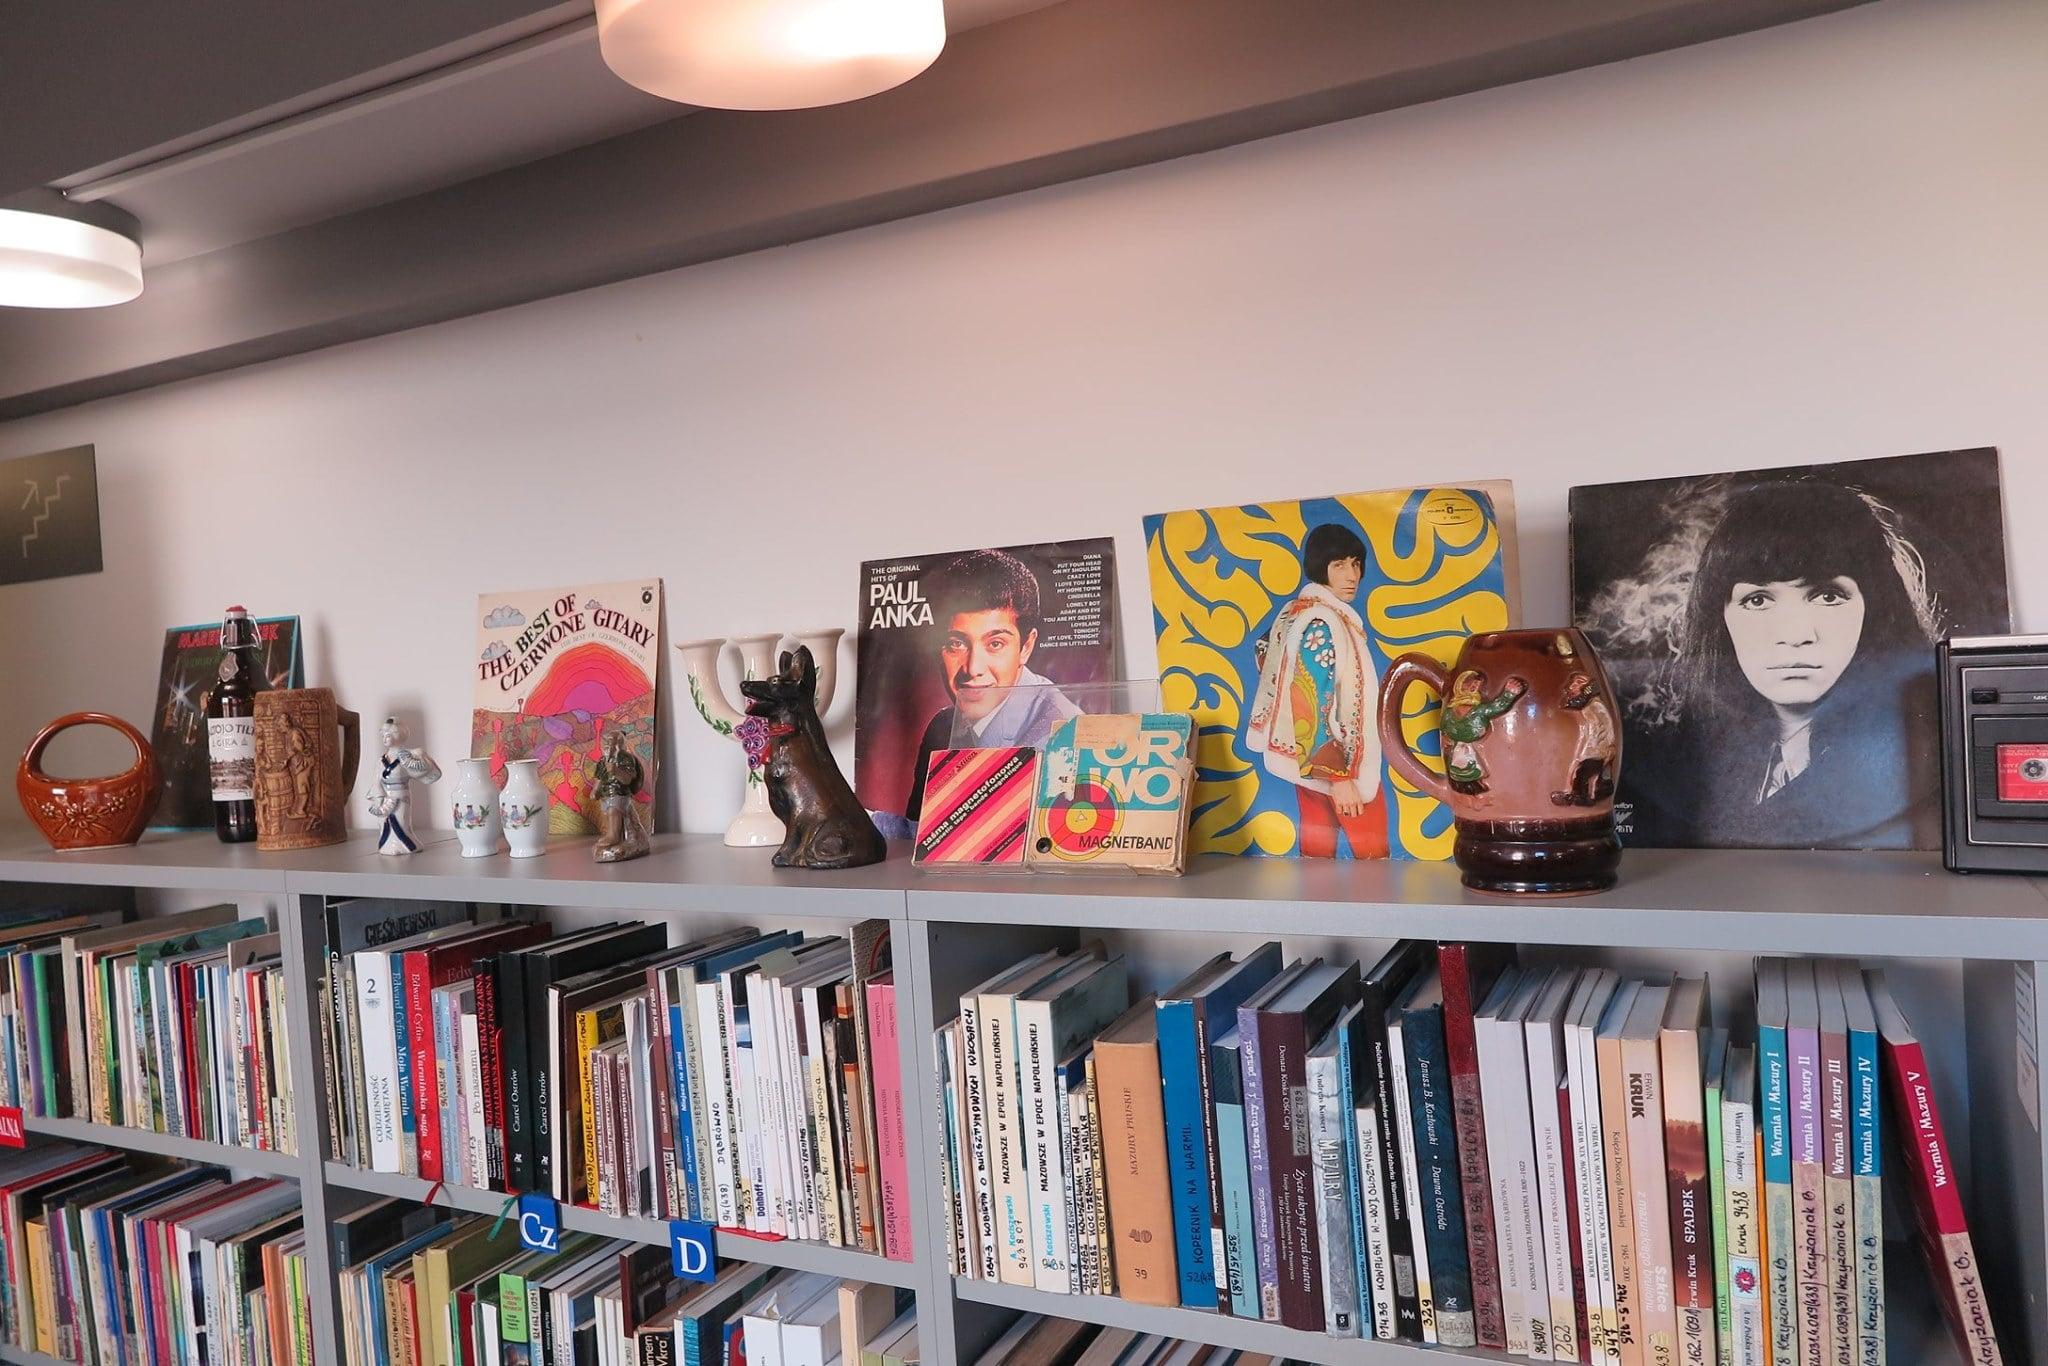 Regał biblioteczny z książkami na górnej półce płyty i dekoracje z lat 80.